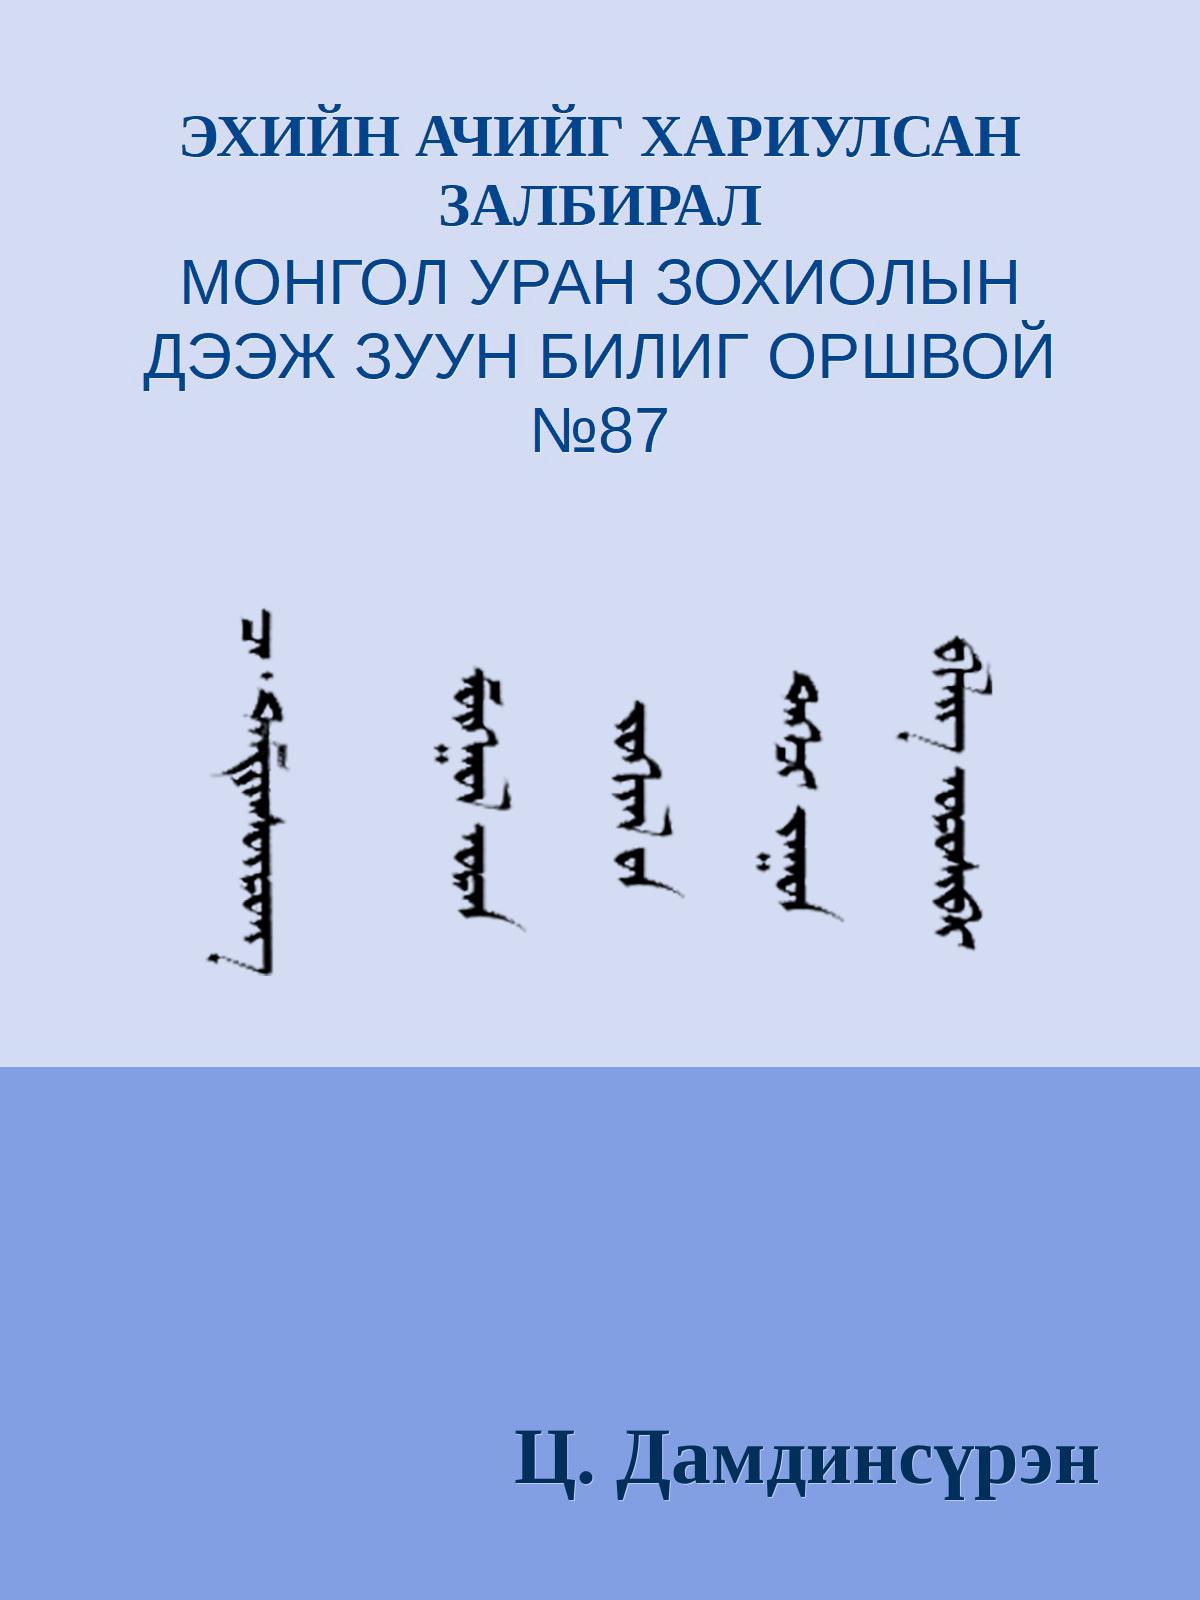 ЭХИЙН АЧИЙГ ХАРИУЛСАН ЗАЛБИРАЛ